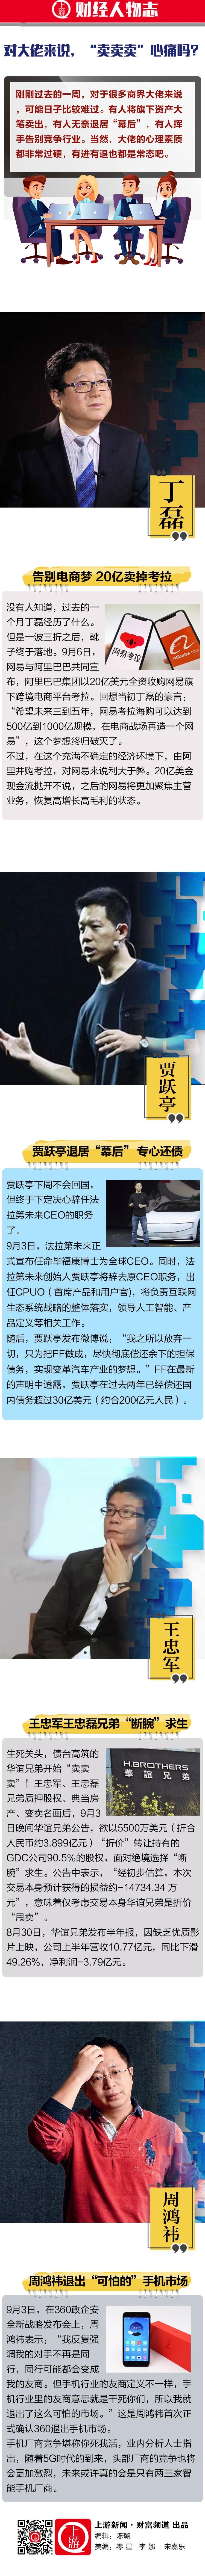 B21F9D20-5E49-4EFB-886C-E2A890ECF6CD.jpeg